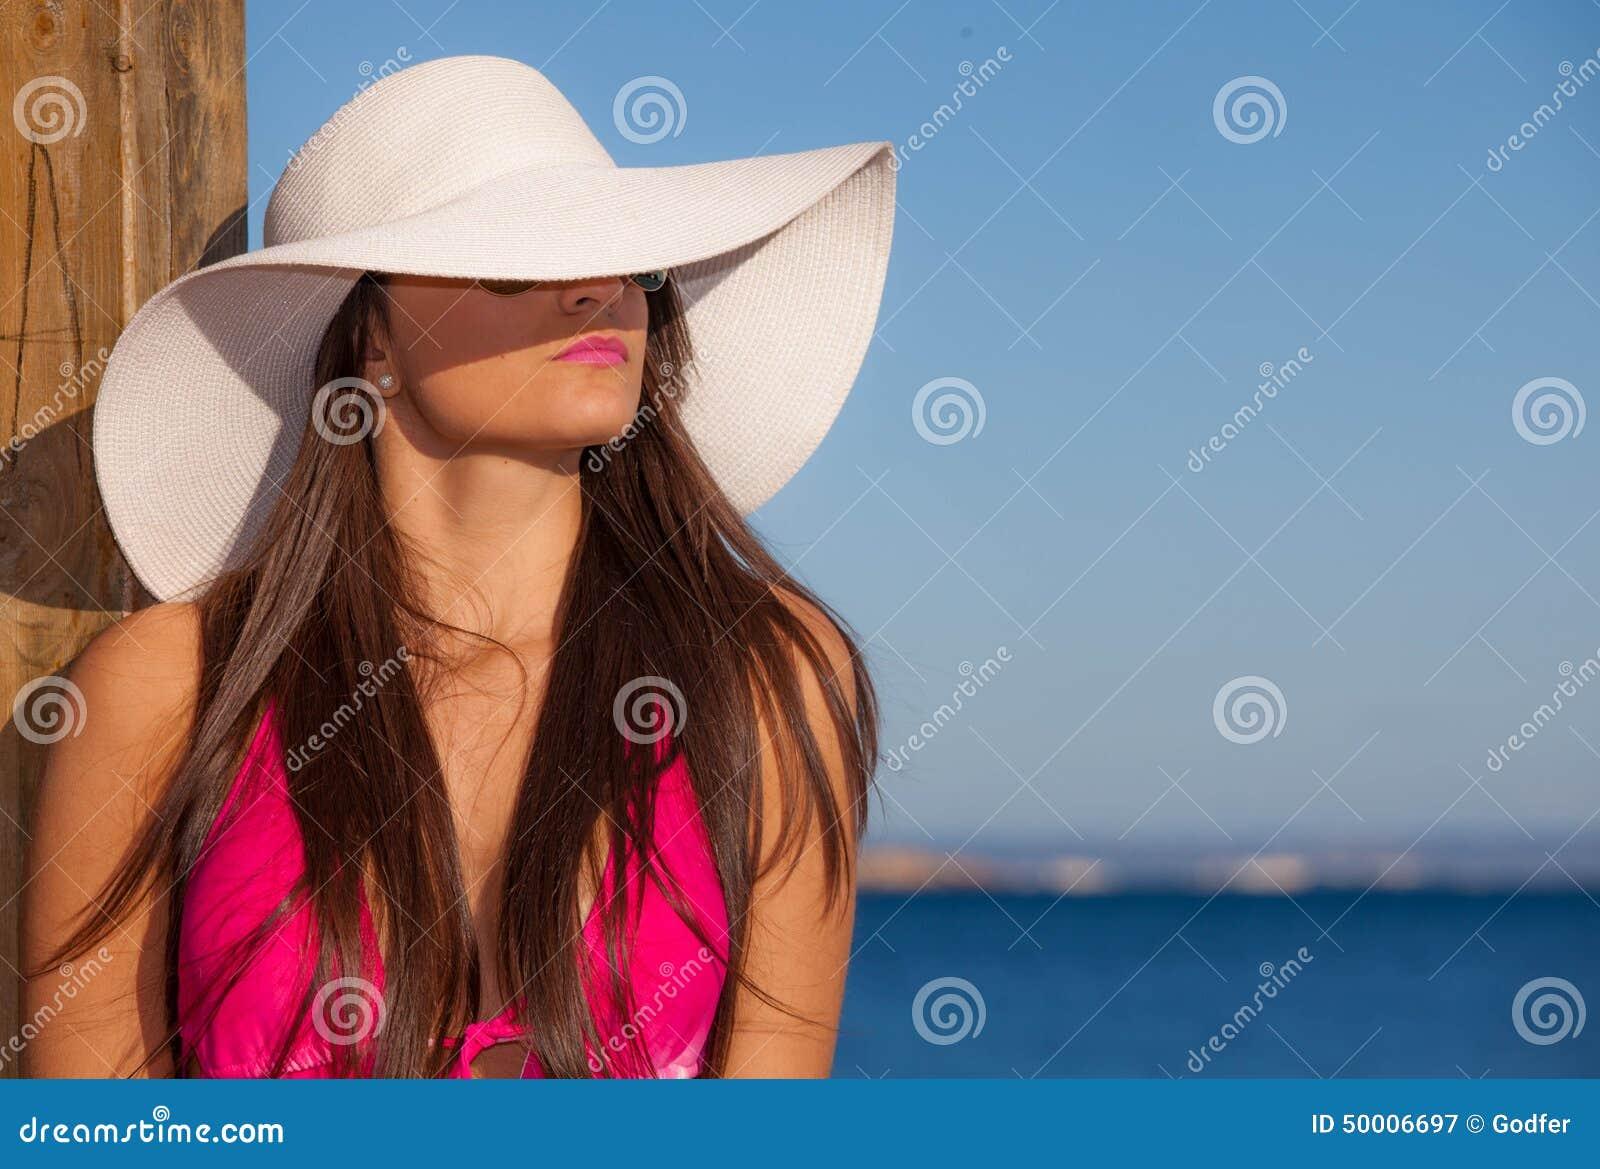 chapeau femme d\u0027ete